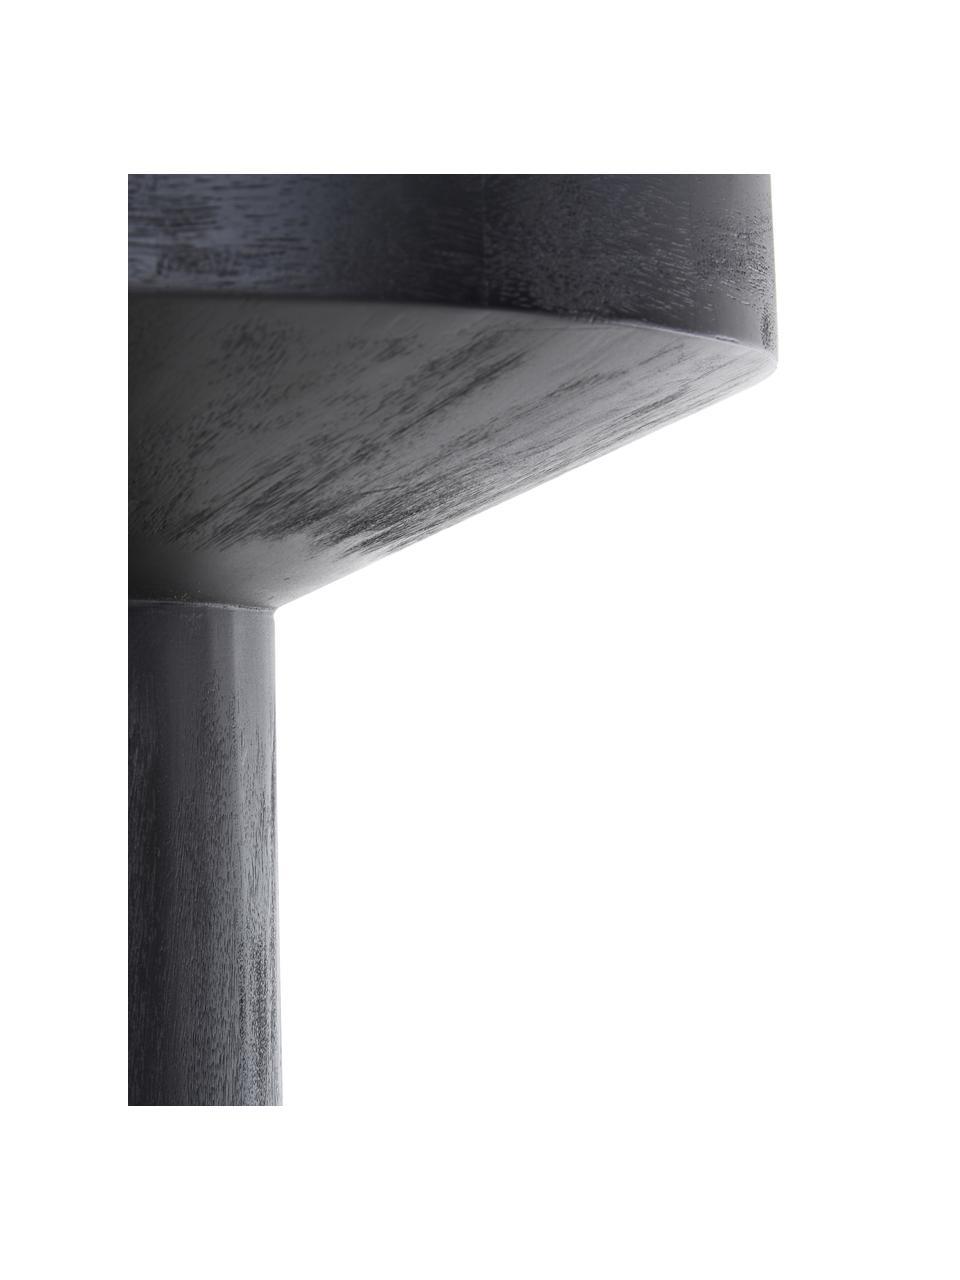 Tavolino rotondo in legno di mango Benno, Legno massiccio di mango verniciato, cemento, Legno di mango nero verniciato, Ø 50 x Alt. 50 cm